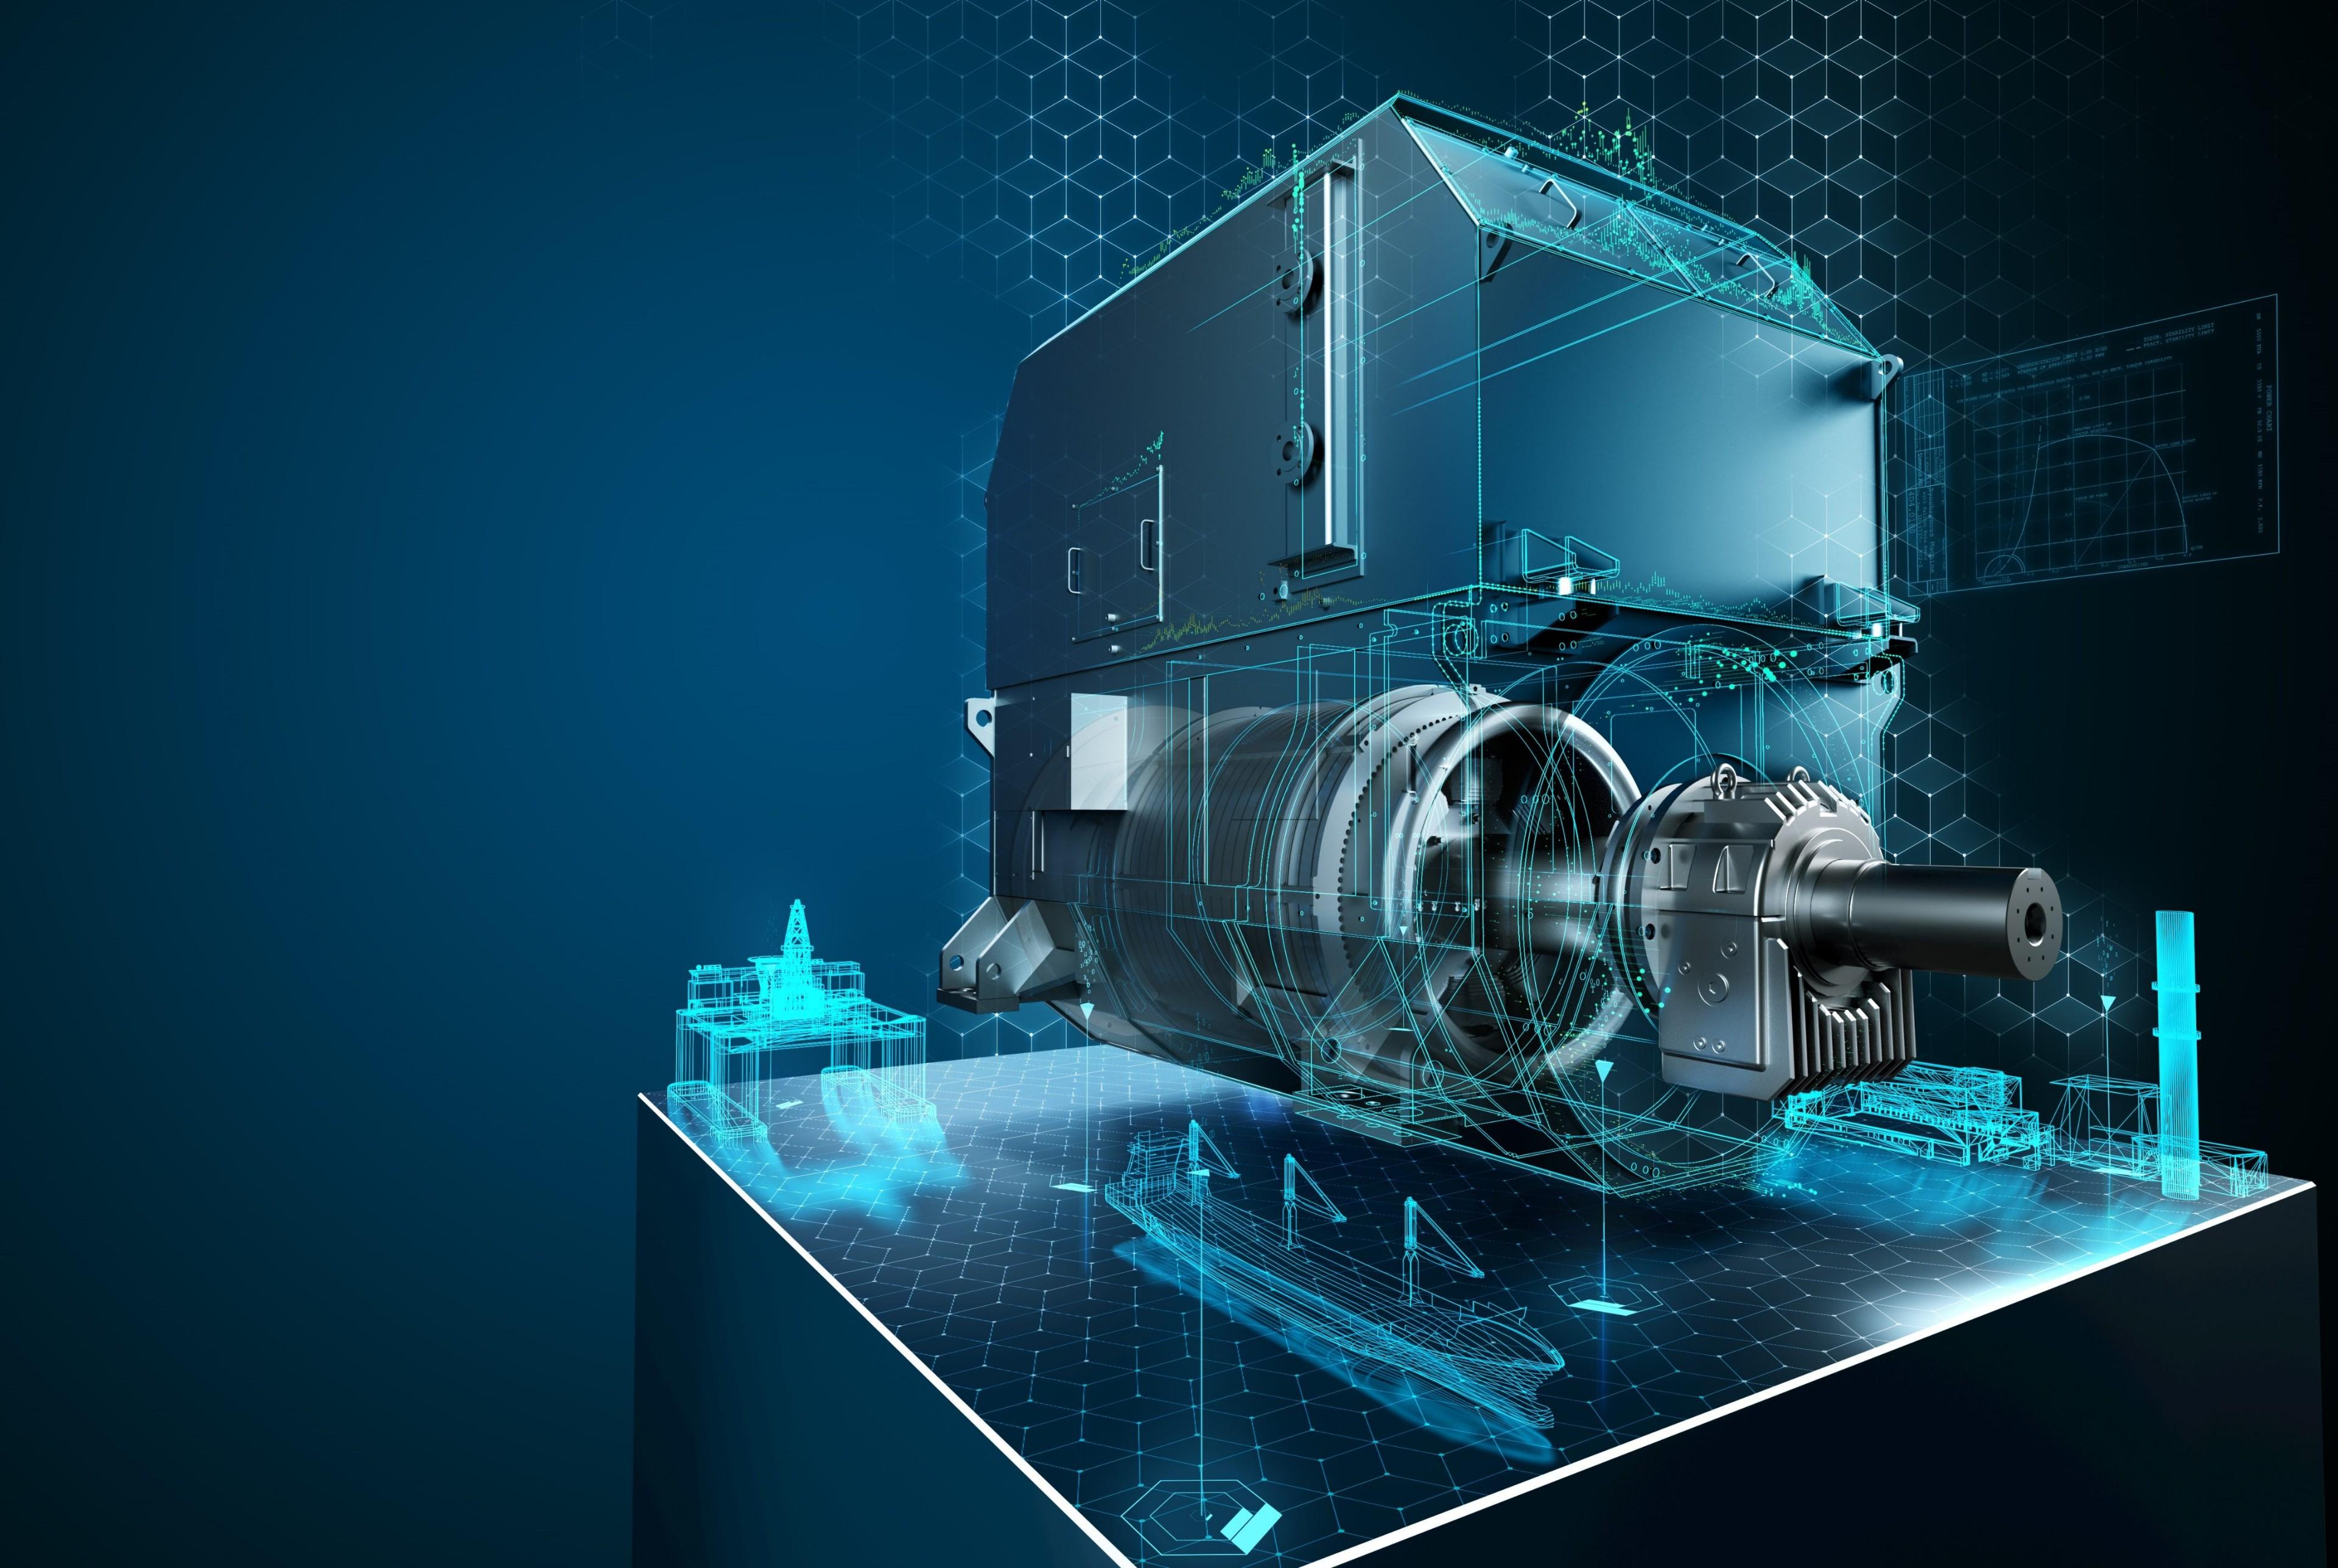 О новых генераторах энергии: трансгенераторы и другие новинки отрасли